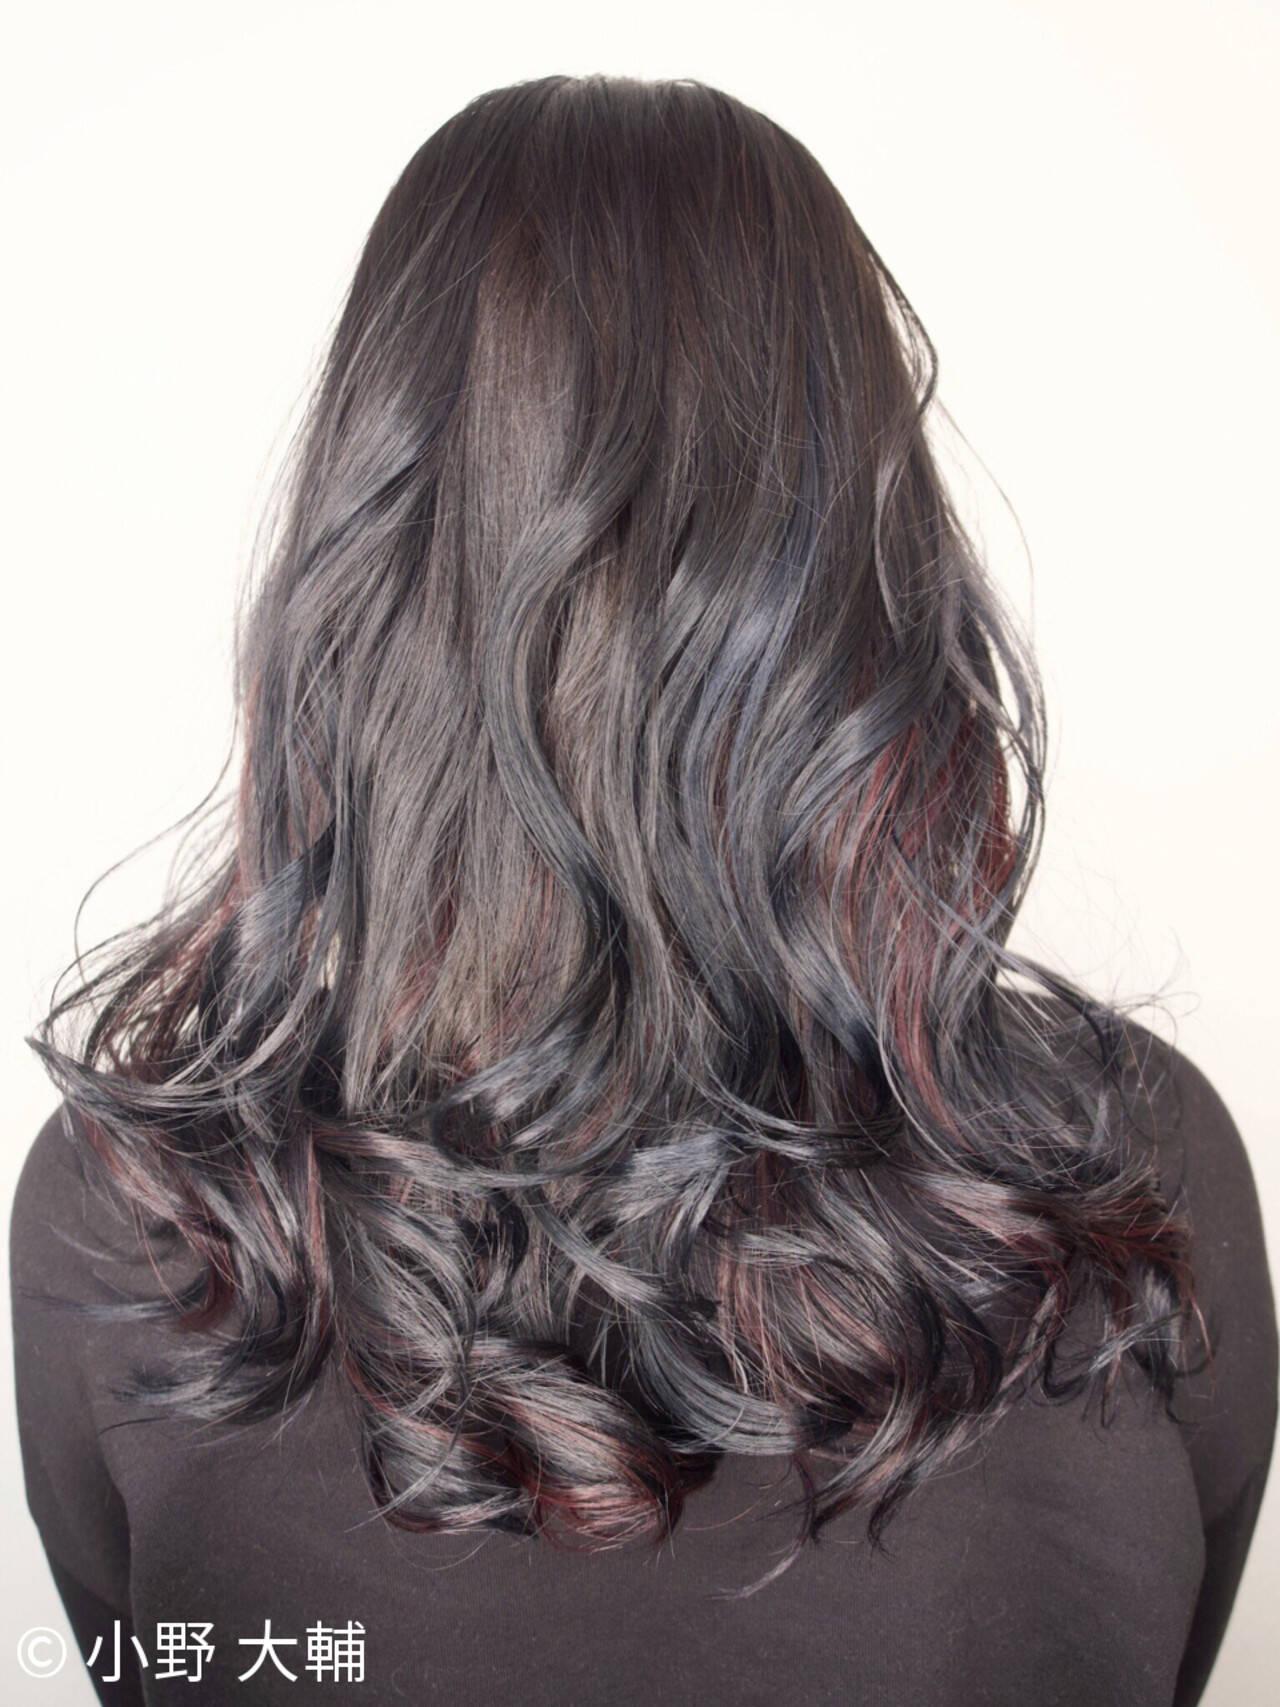 ピンク ナチュラル ミディアム 外国人風カラーヘアスタイルや髪型の写真・画像